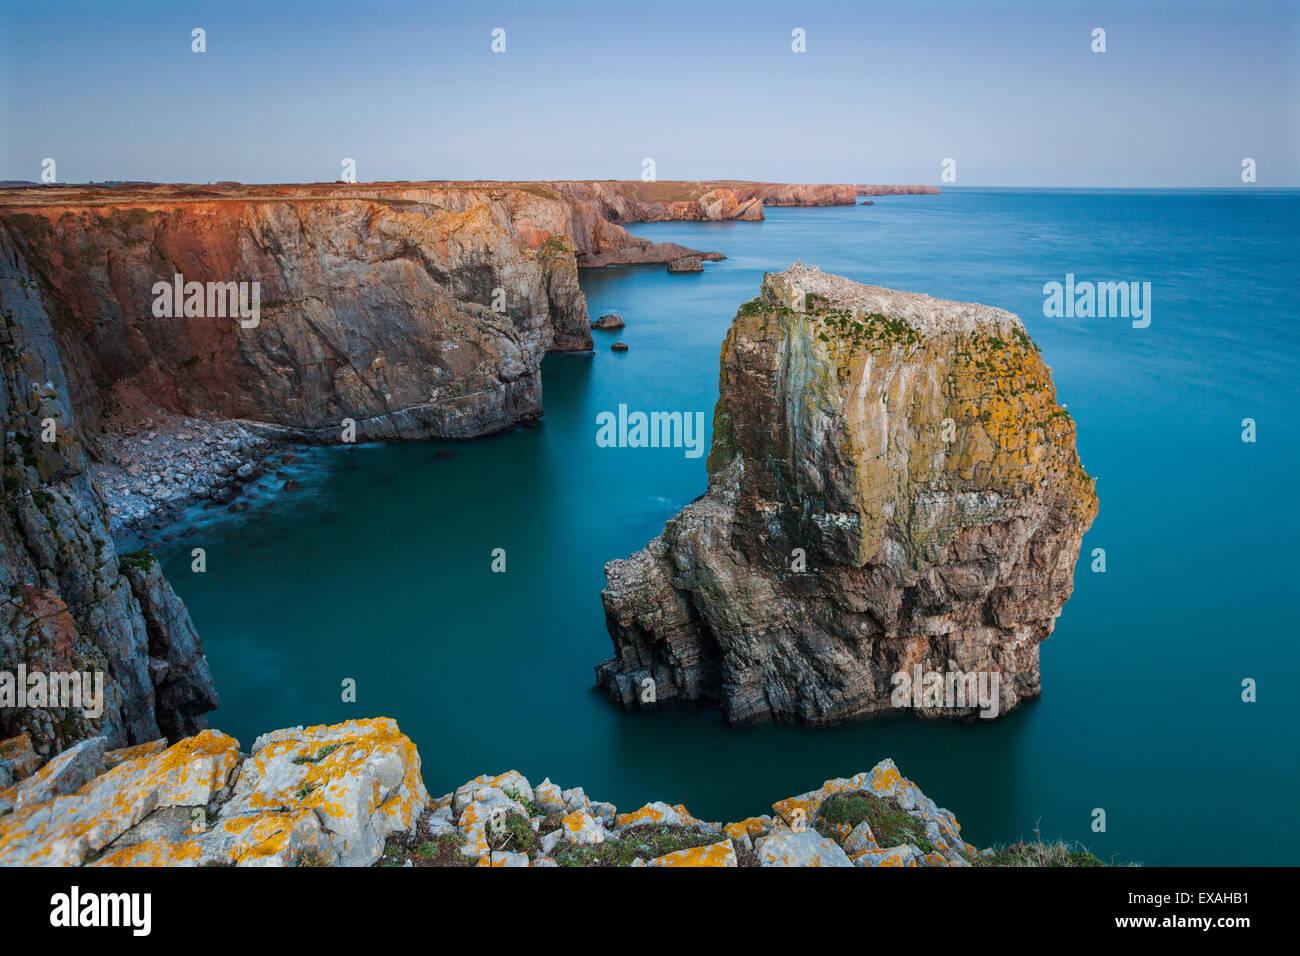 Les roches de la pile, Castlemartin, Pembrokeshire, Pays de Galles, Royaume-Uni, Europe Photo Stock